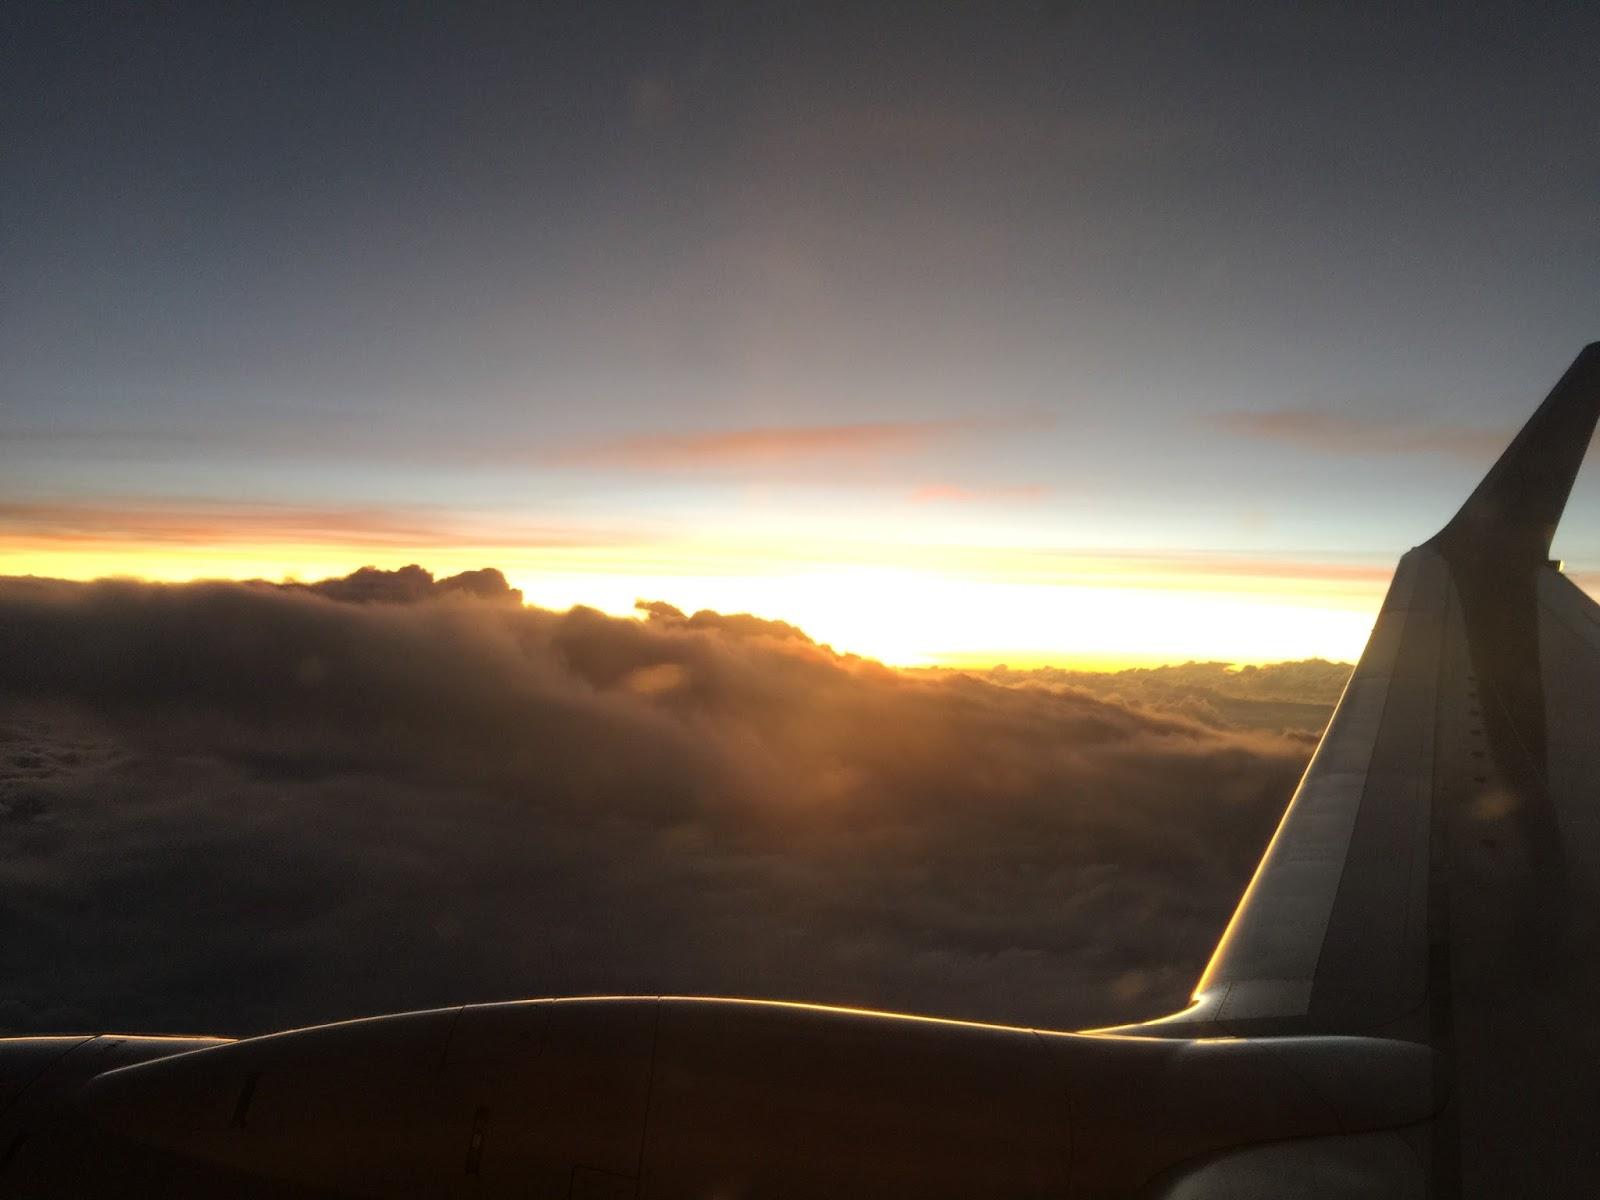 Vista da Janela do Avião com o por do sol